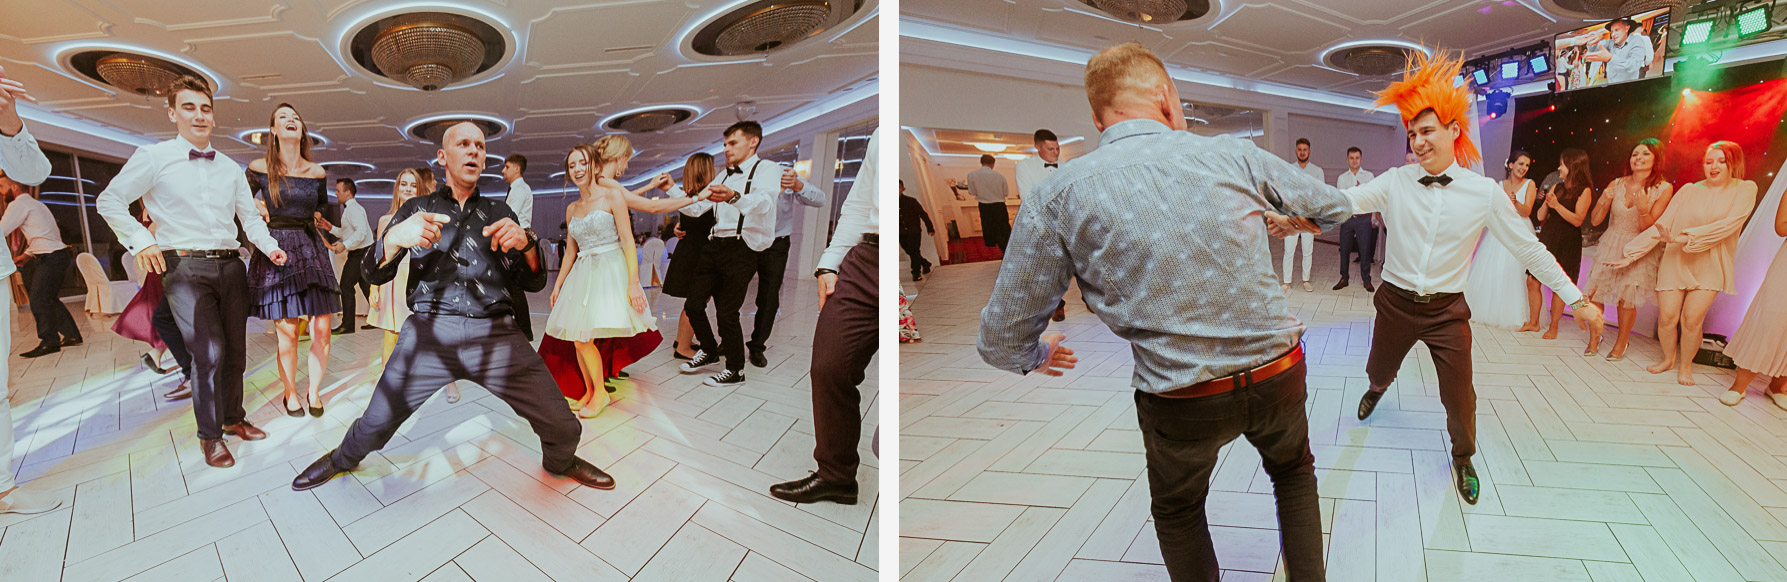 Zdjęcia Ślubne Cieszyn 113 a23